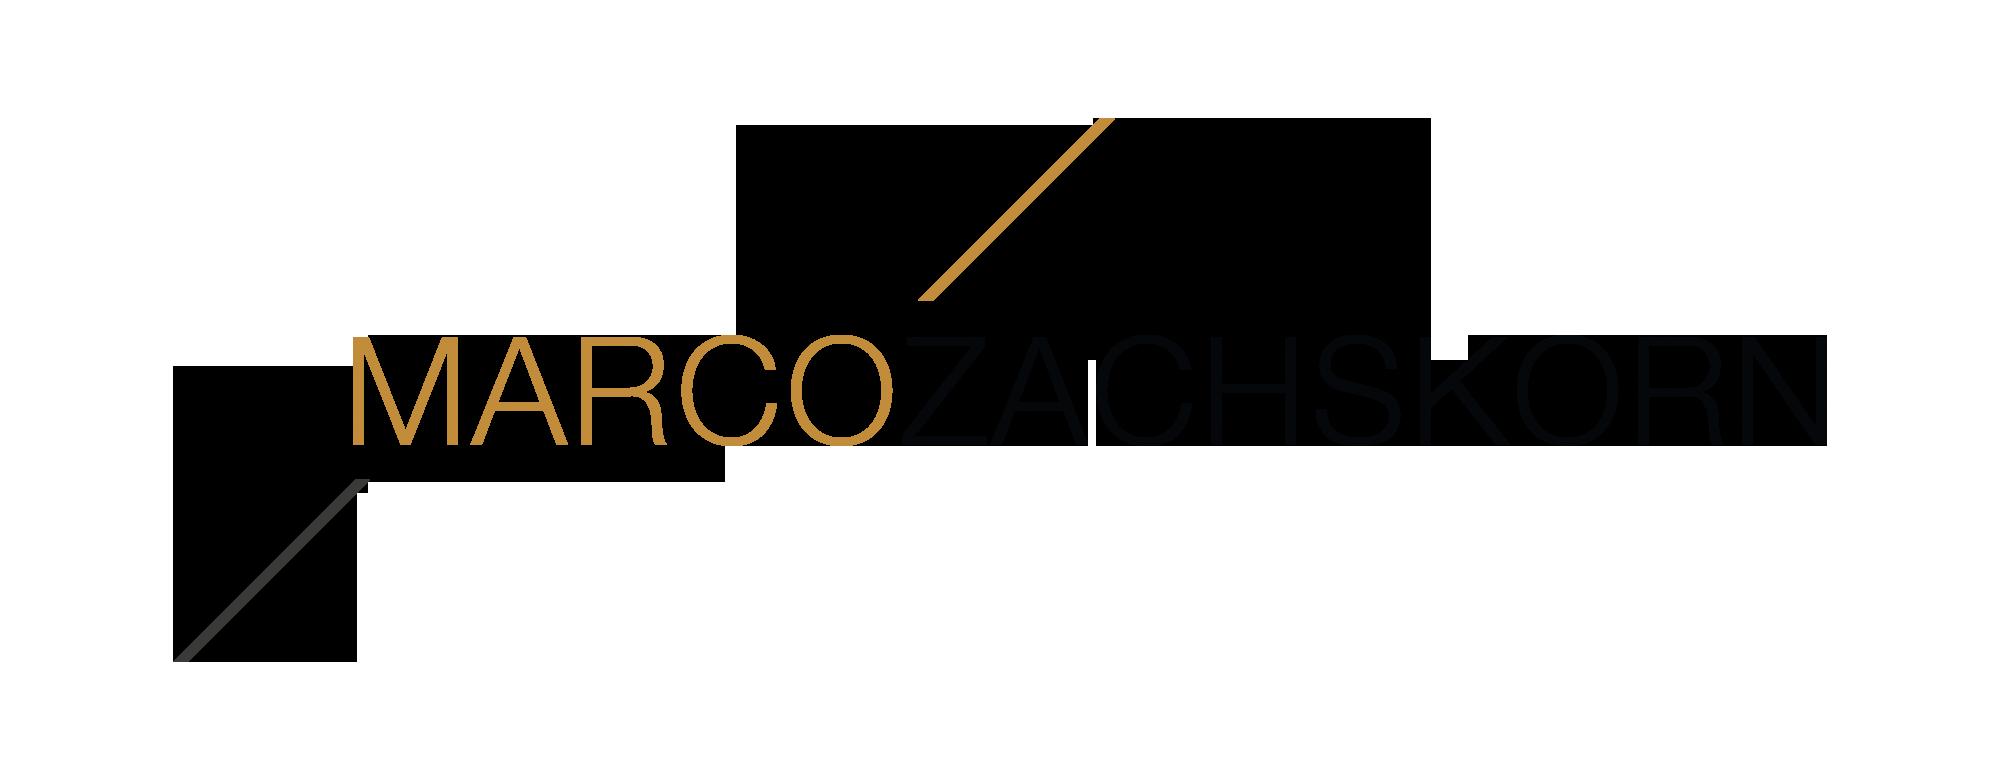 Marco Zachskorn - Finanzdienstleistungen und Vertriebstraining